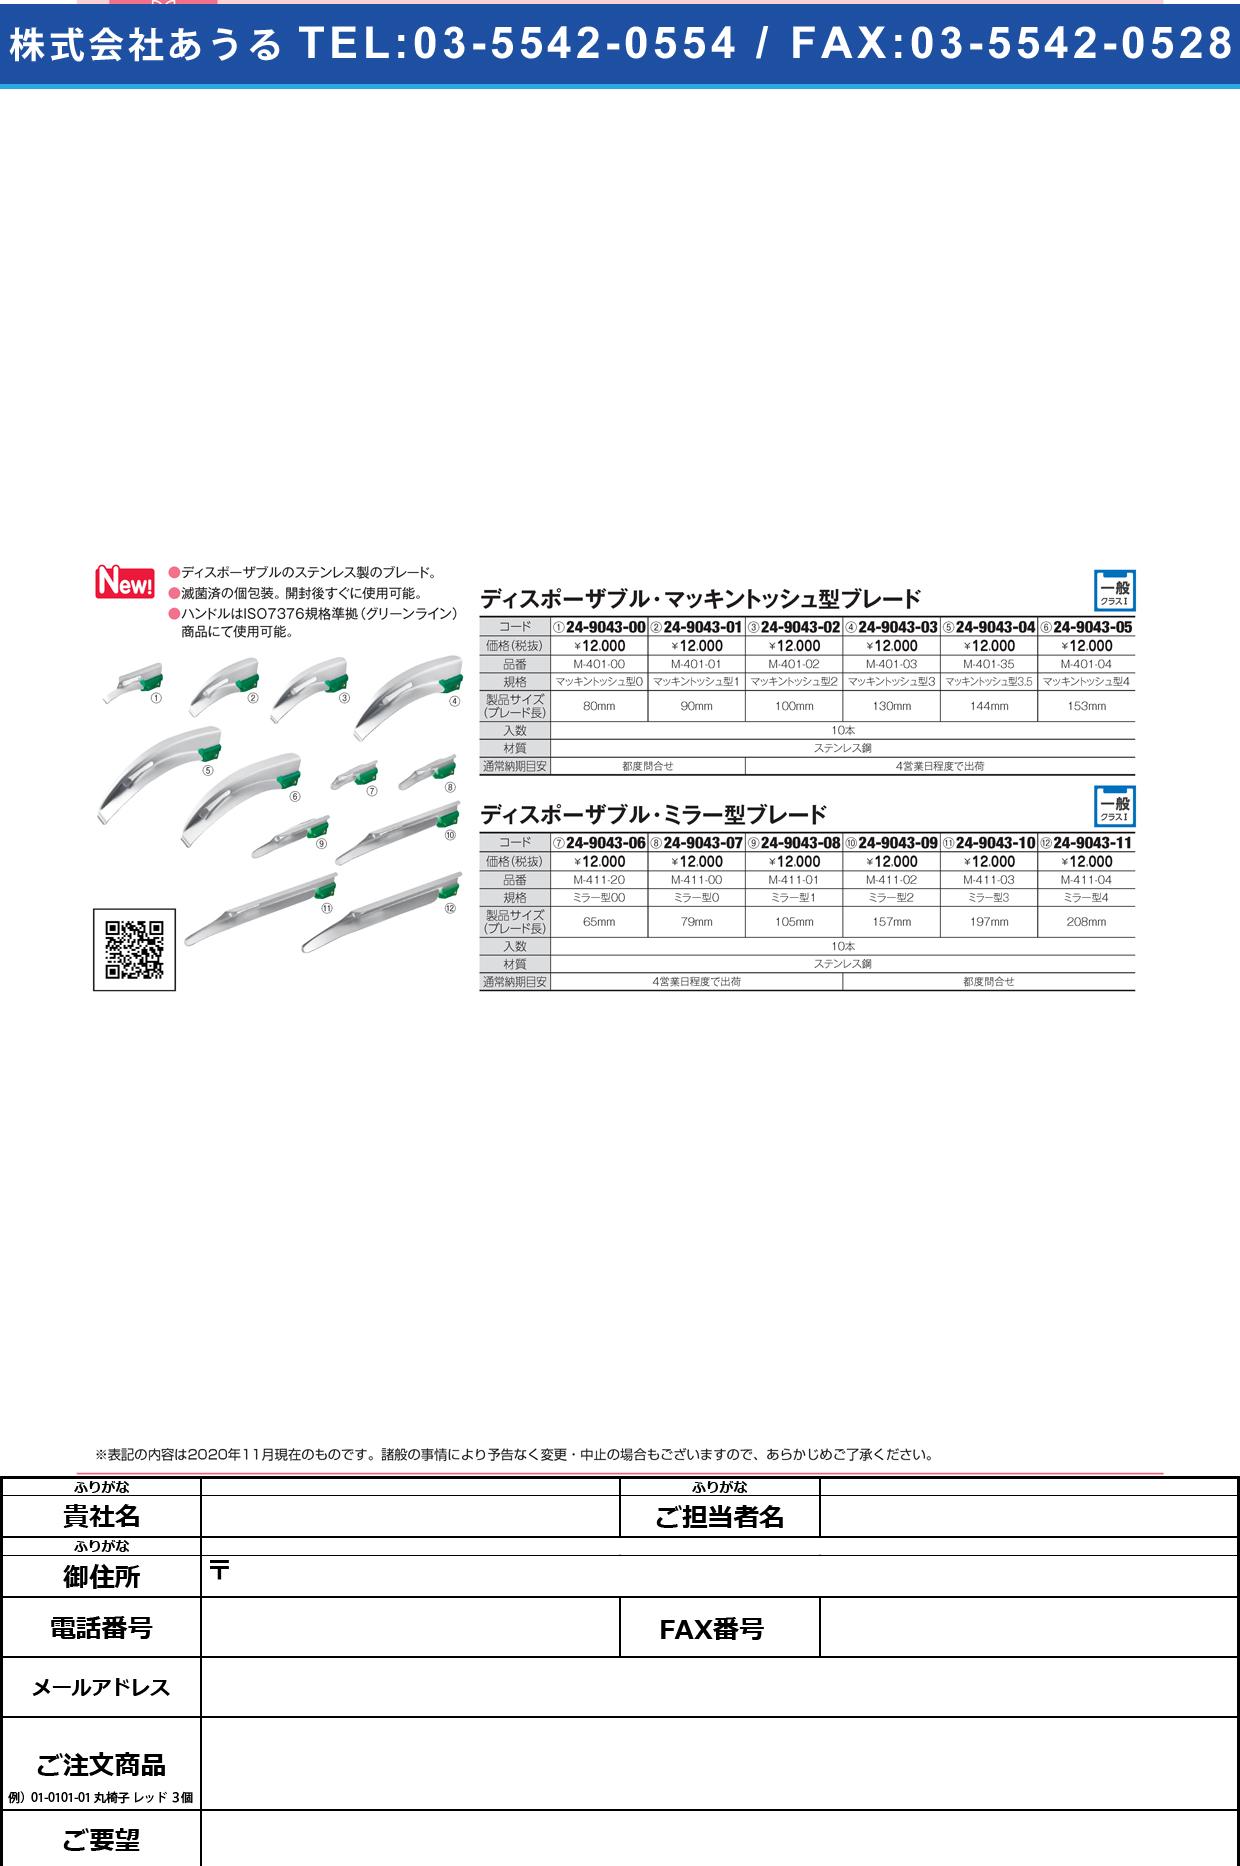 ディスポーザブルミラー型ブレード M-411-01(サイズ1)10ホンM-411-01(サイズ1)10ホン(24-9043-08)【エム・ピー・アイ】(販売単位:1)